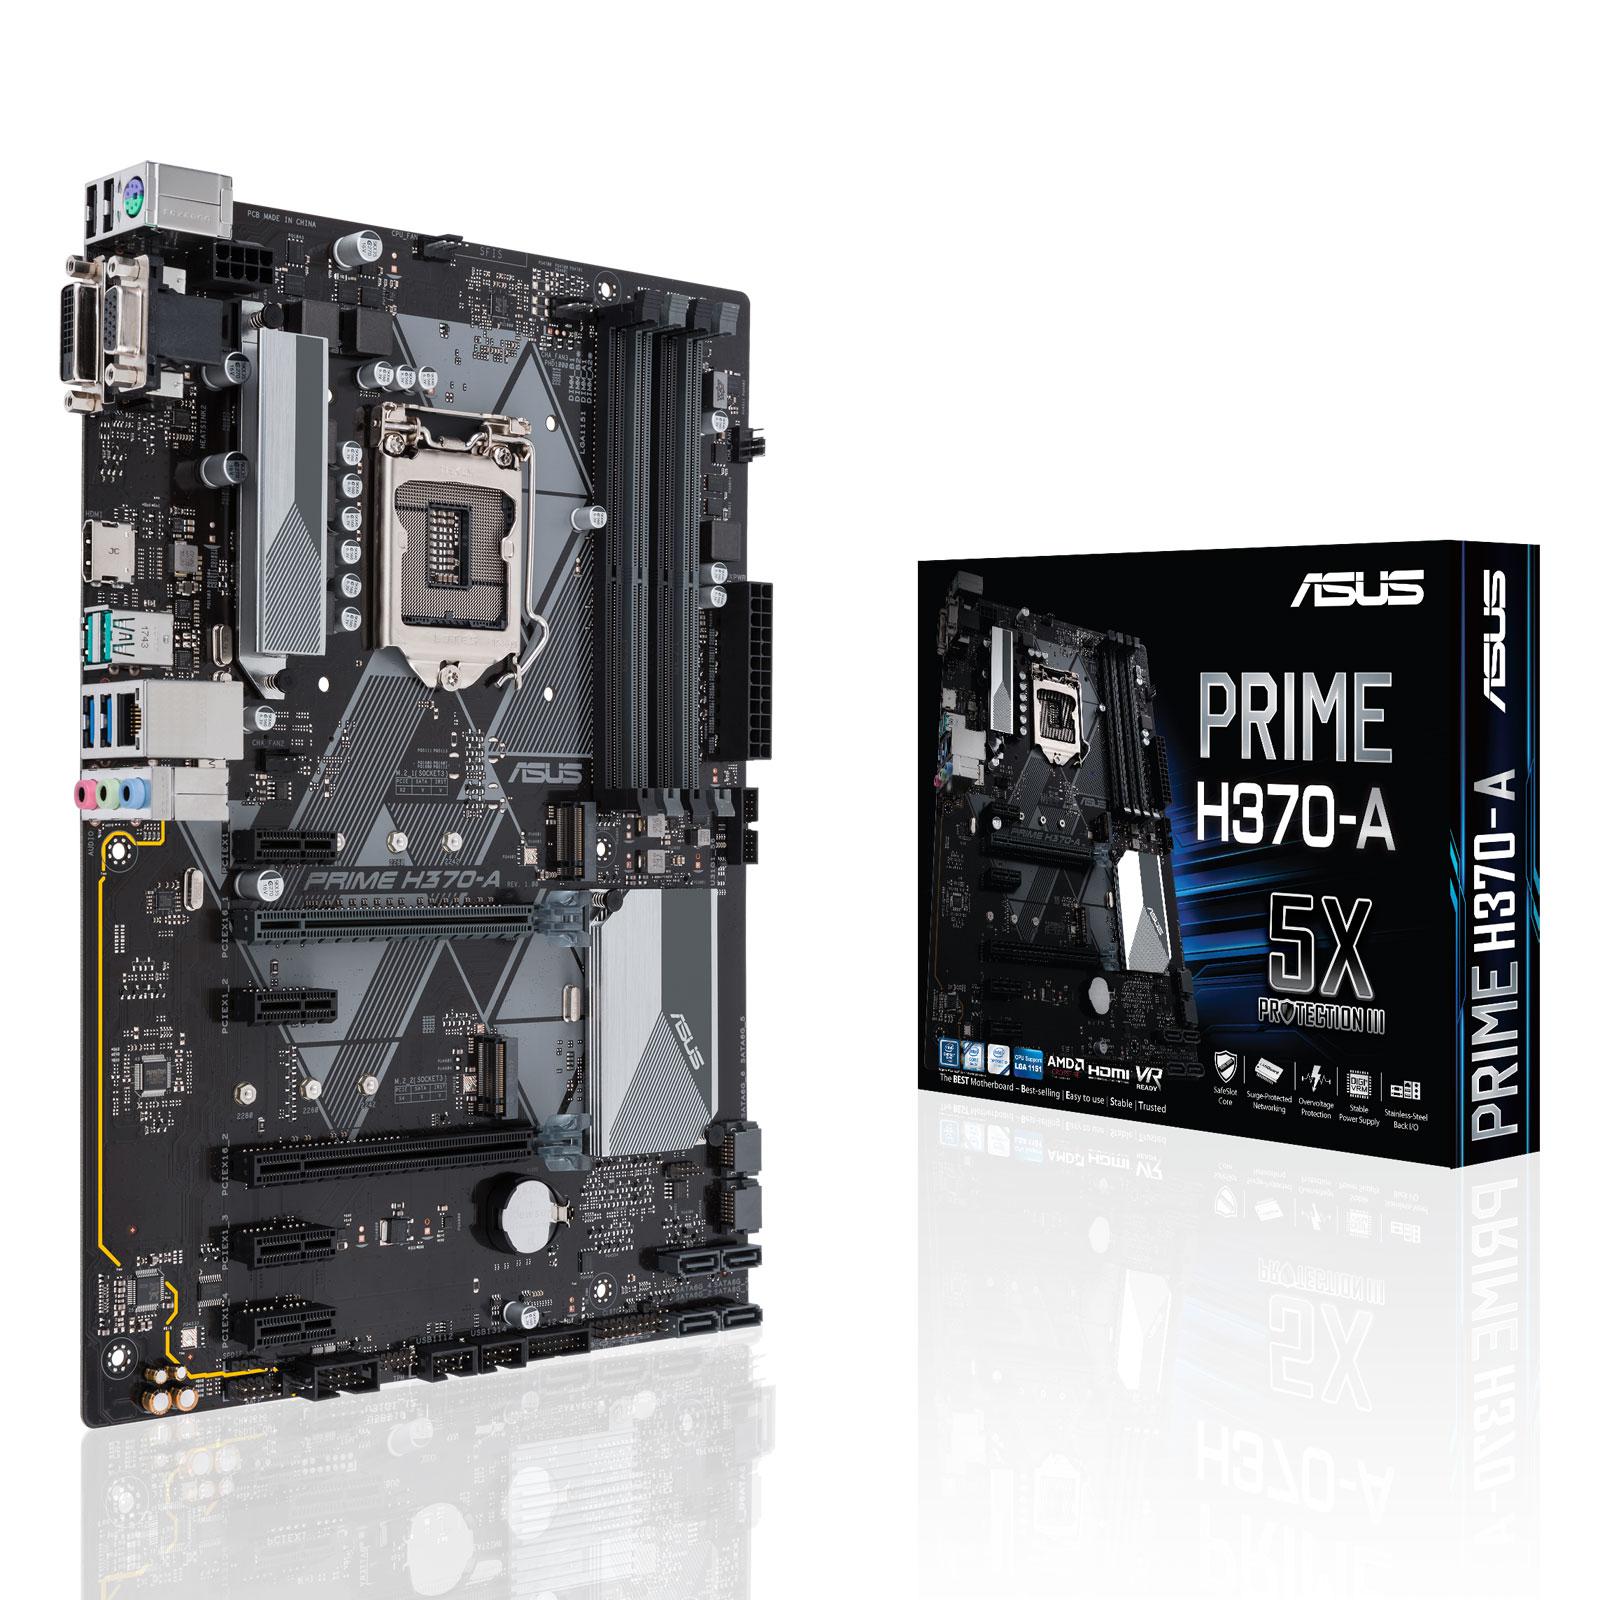 Asus PRIME H370-A ATX DDR4 - Carte mère Asus - Cybertek.fr - 0